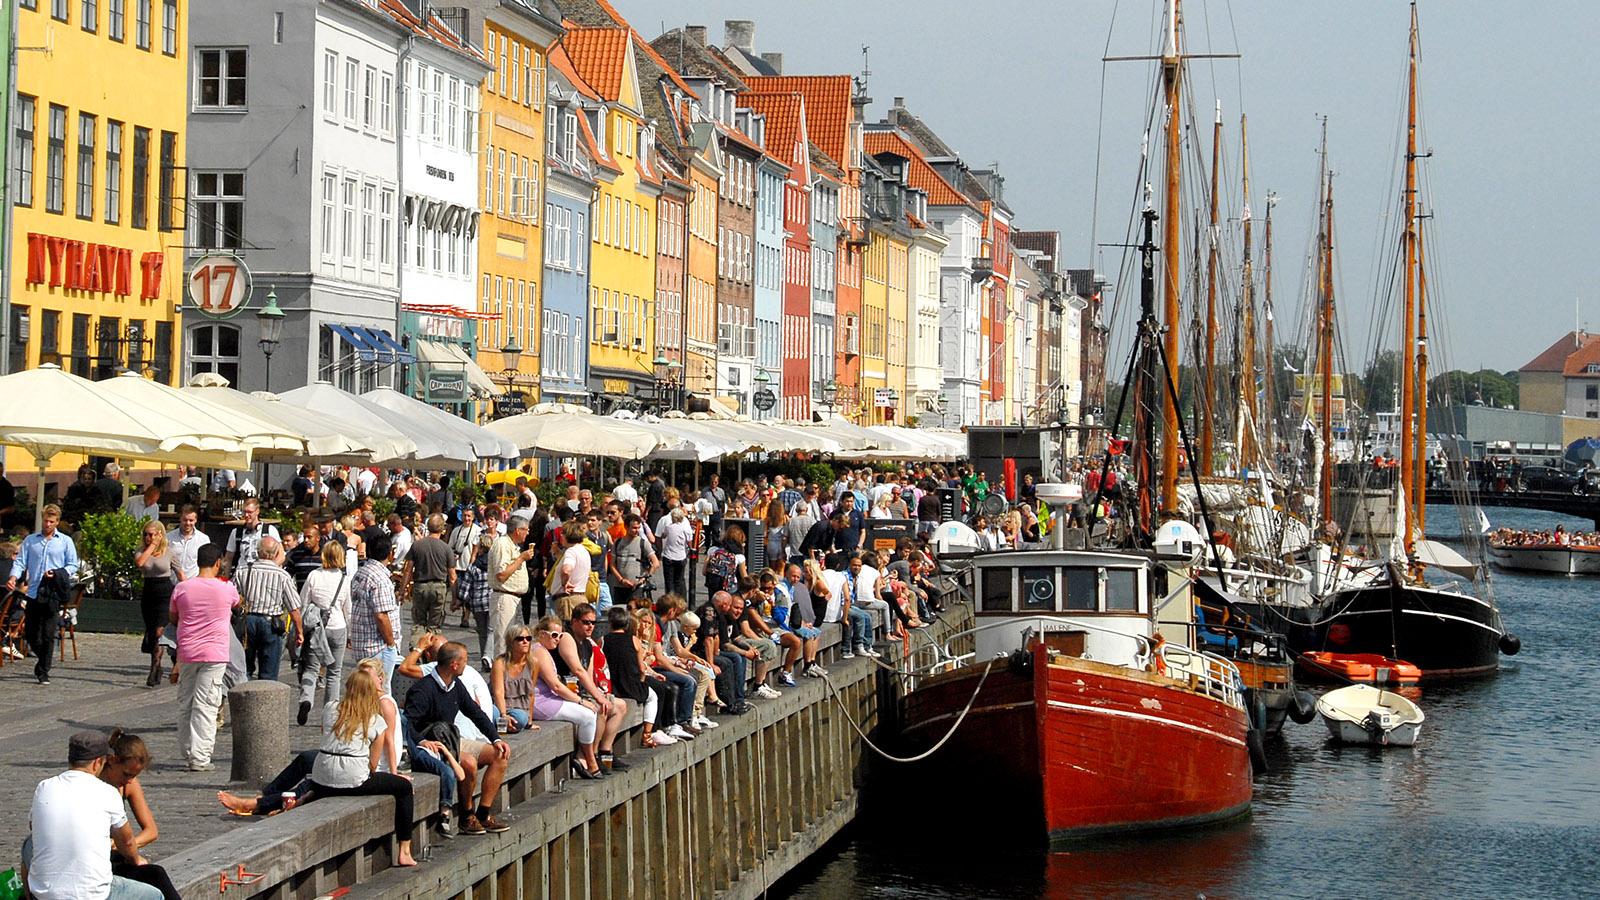 Hyggelig & maritim: Nyhavn. Foto: Hilke Maunder